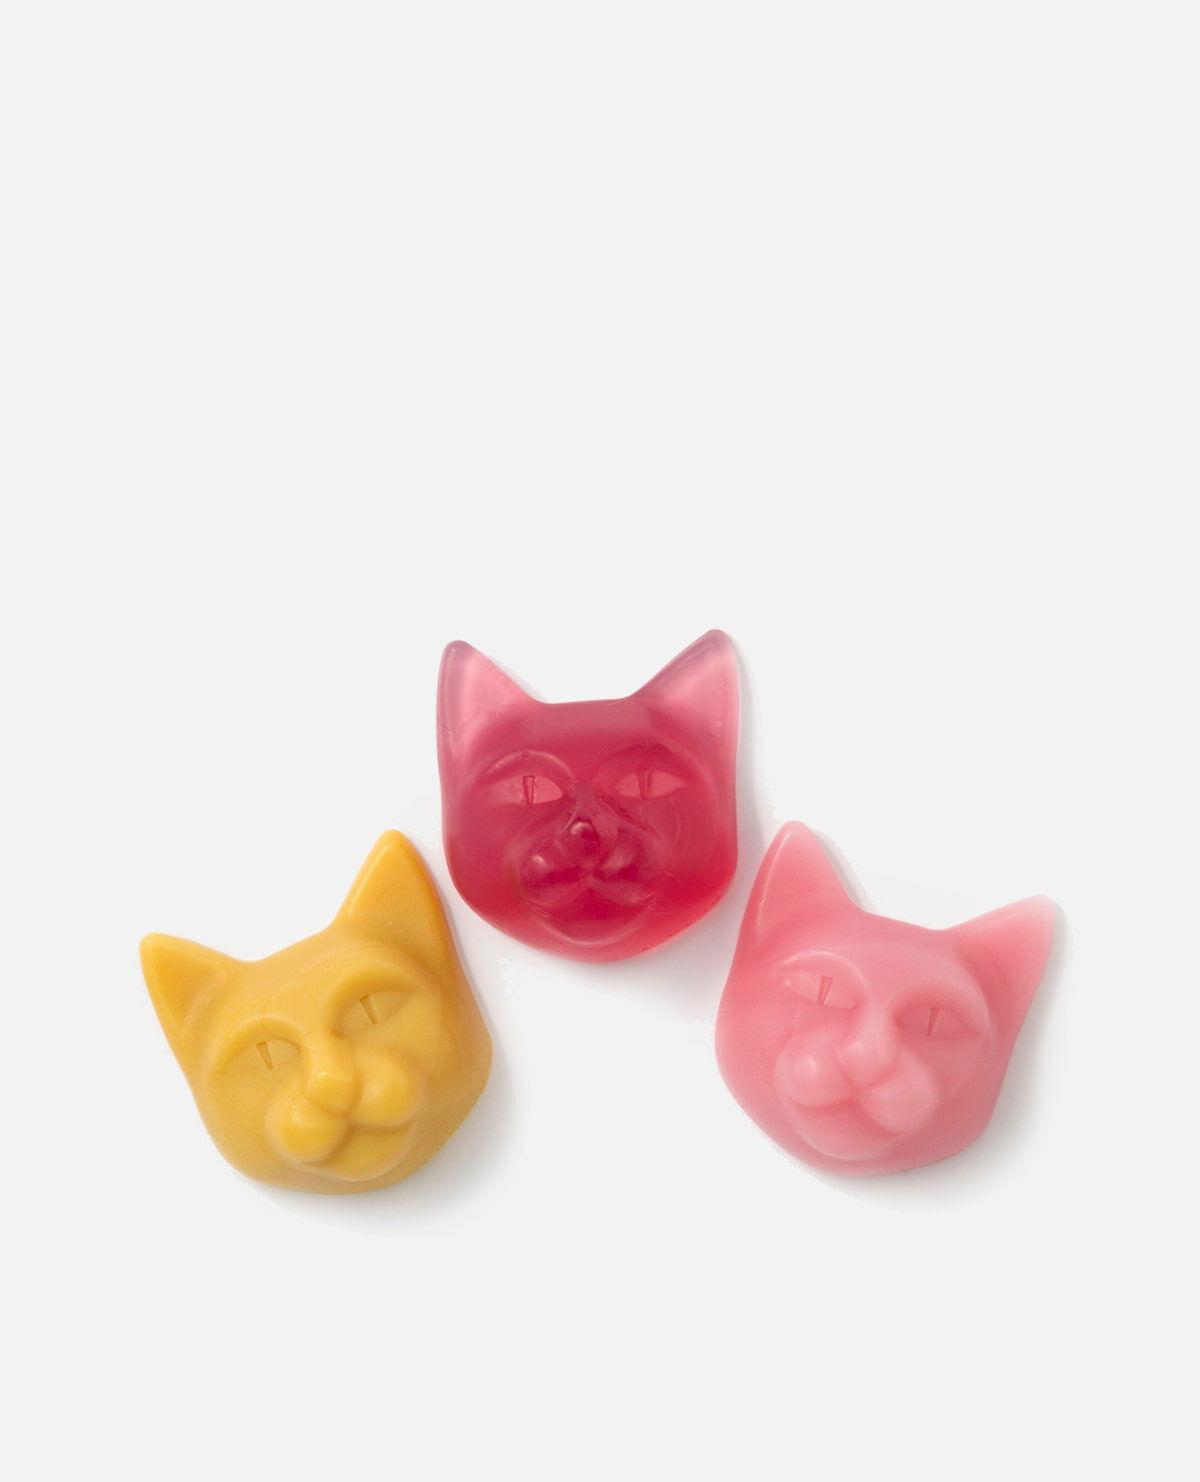 ハコイリ ネコ 8 Momo 猫 石鹸 ソープ